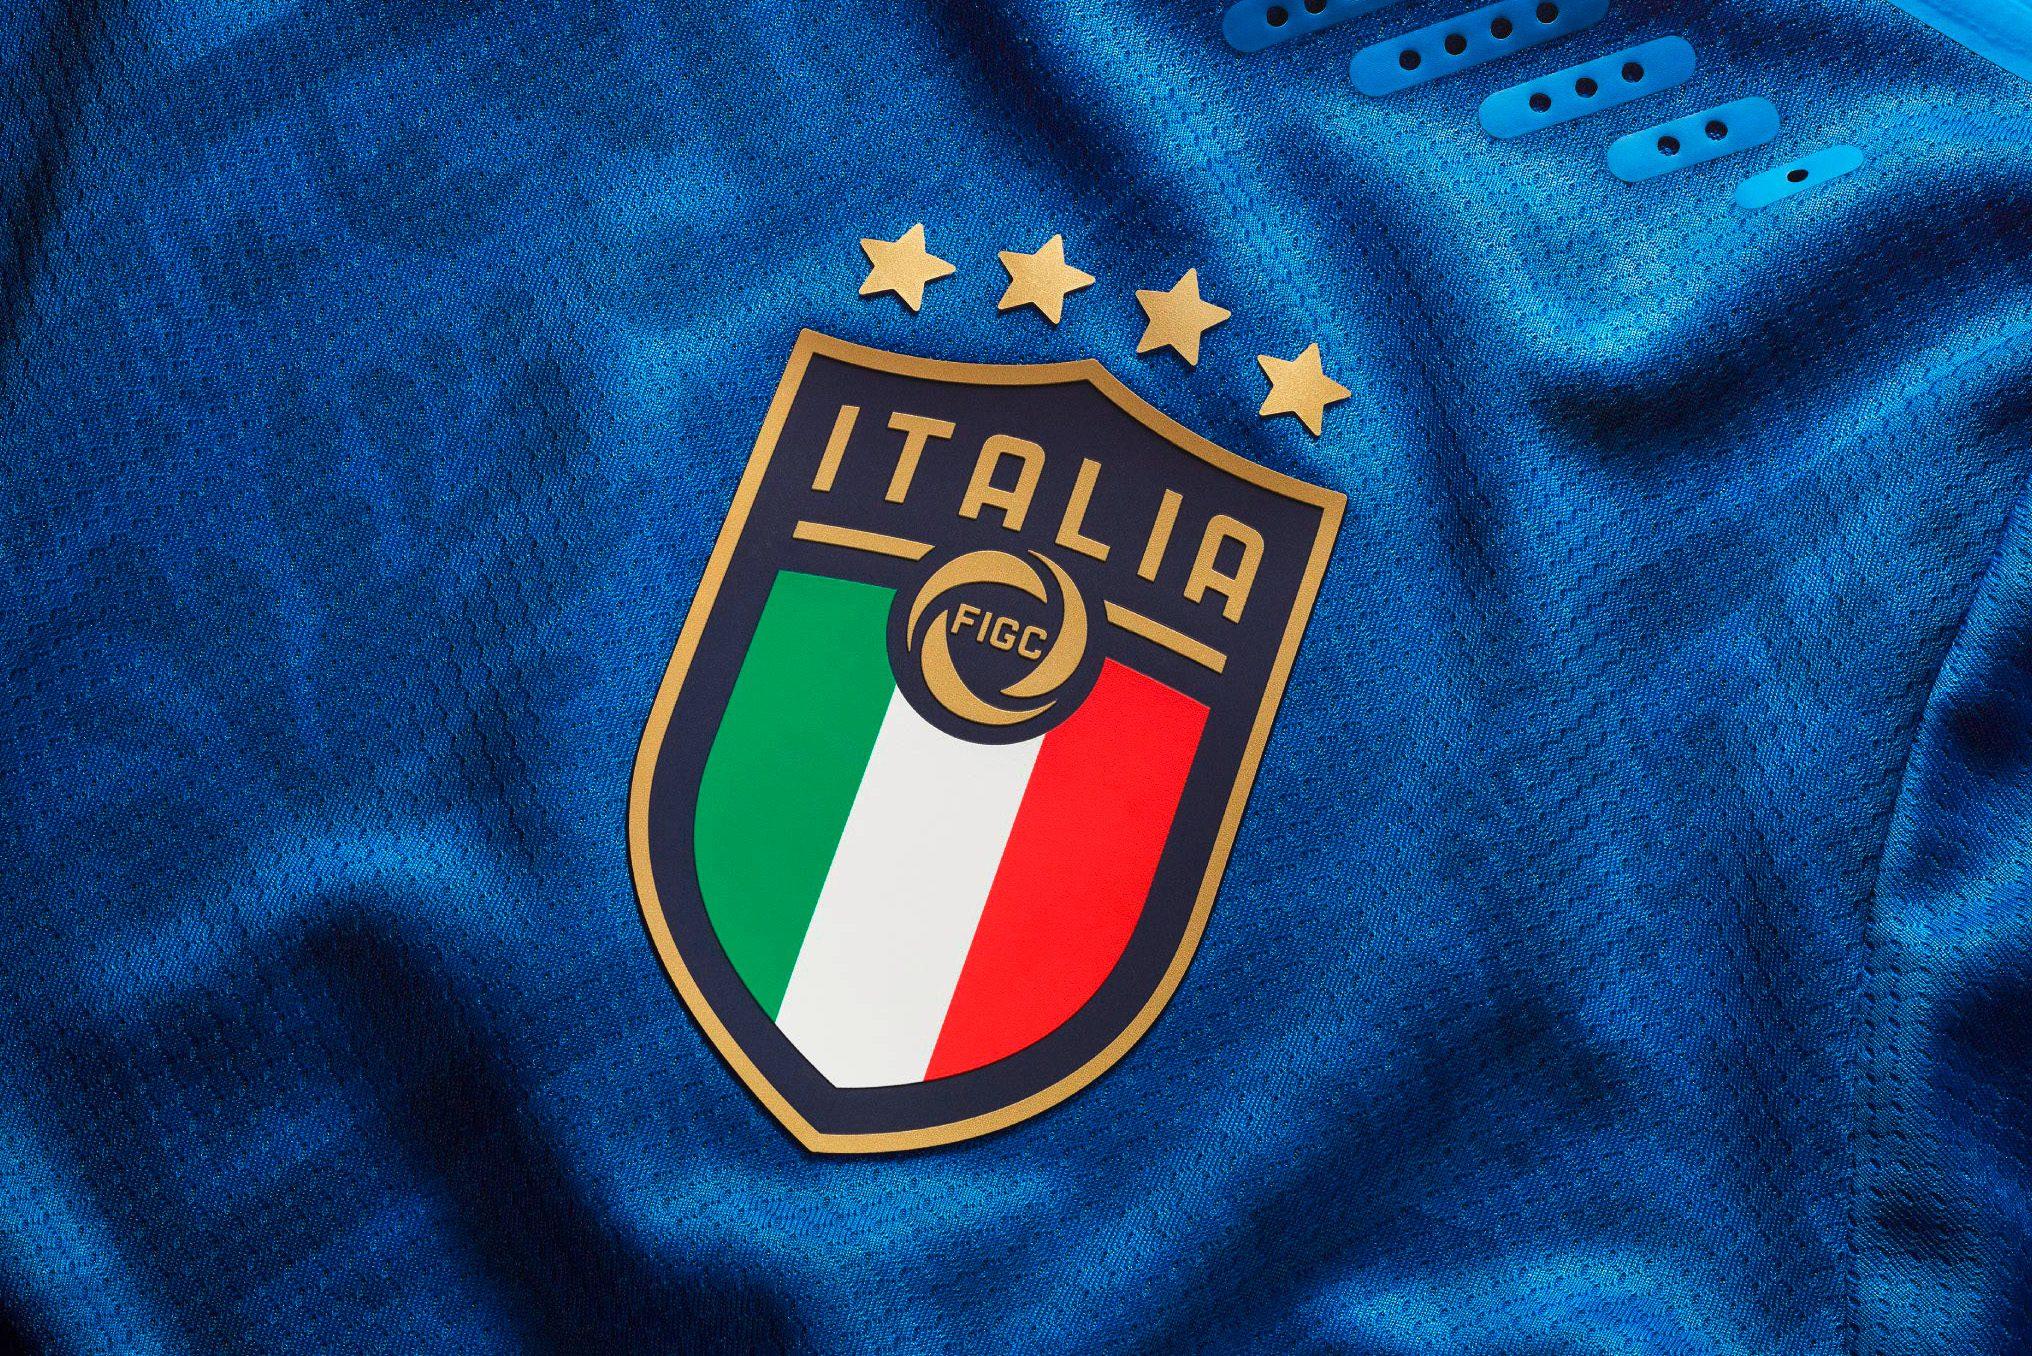 Perché la maglia dell'Italia è azzurra: le origini dei colori della  Nazionale